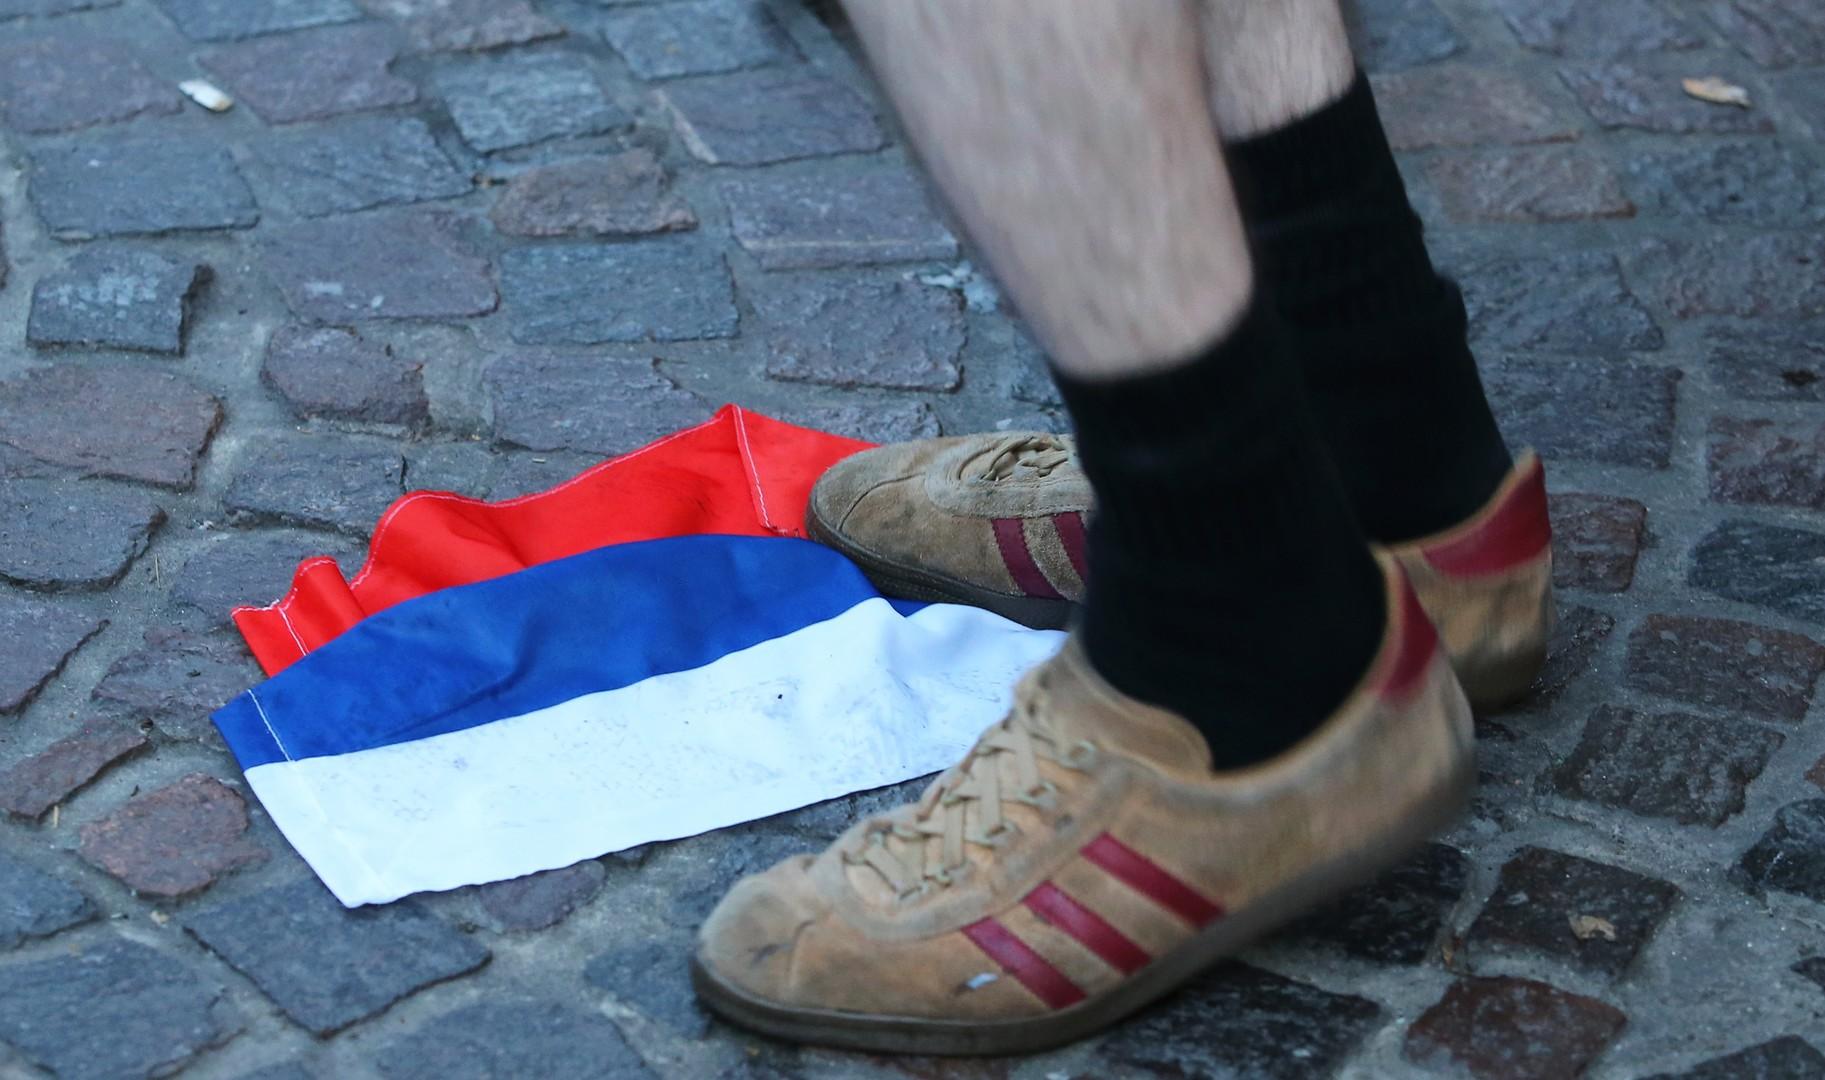 Английские болельщики осквернили российский флаг во французском Лилле